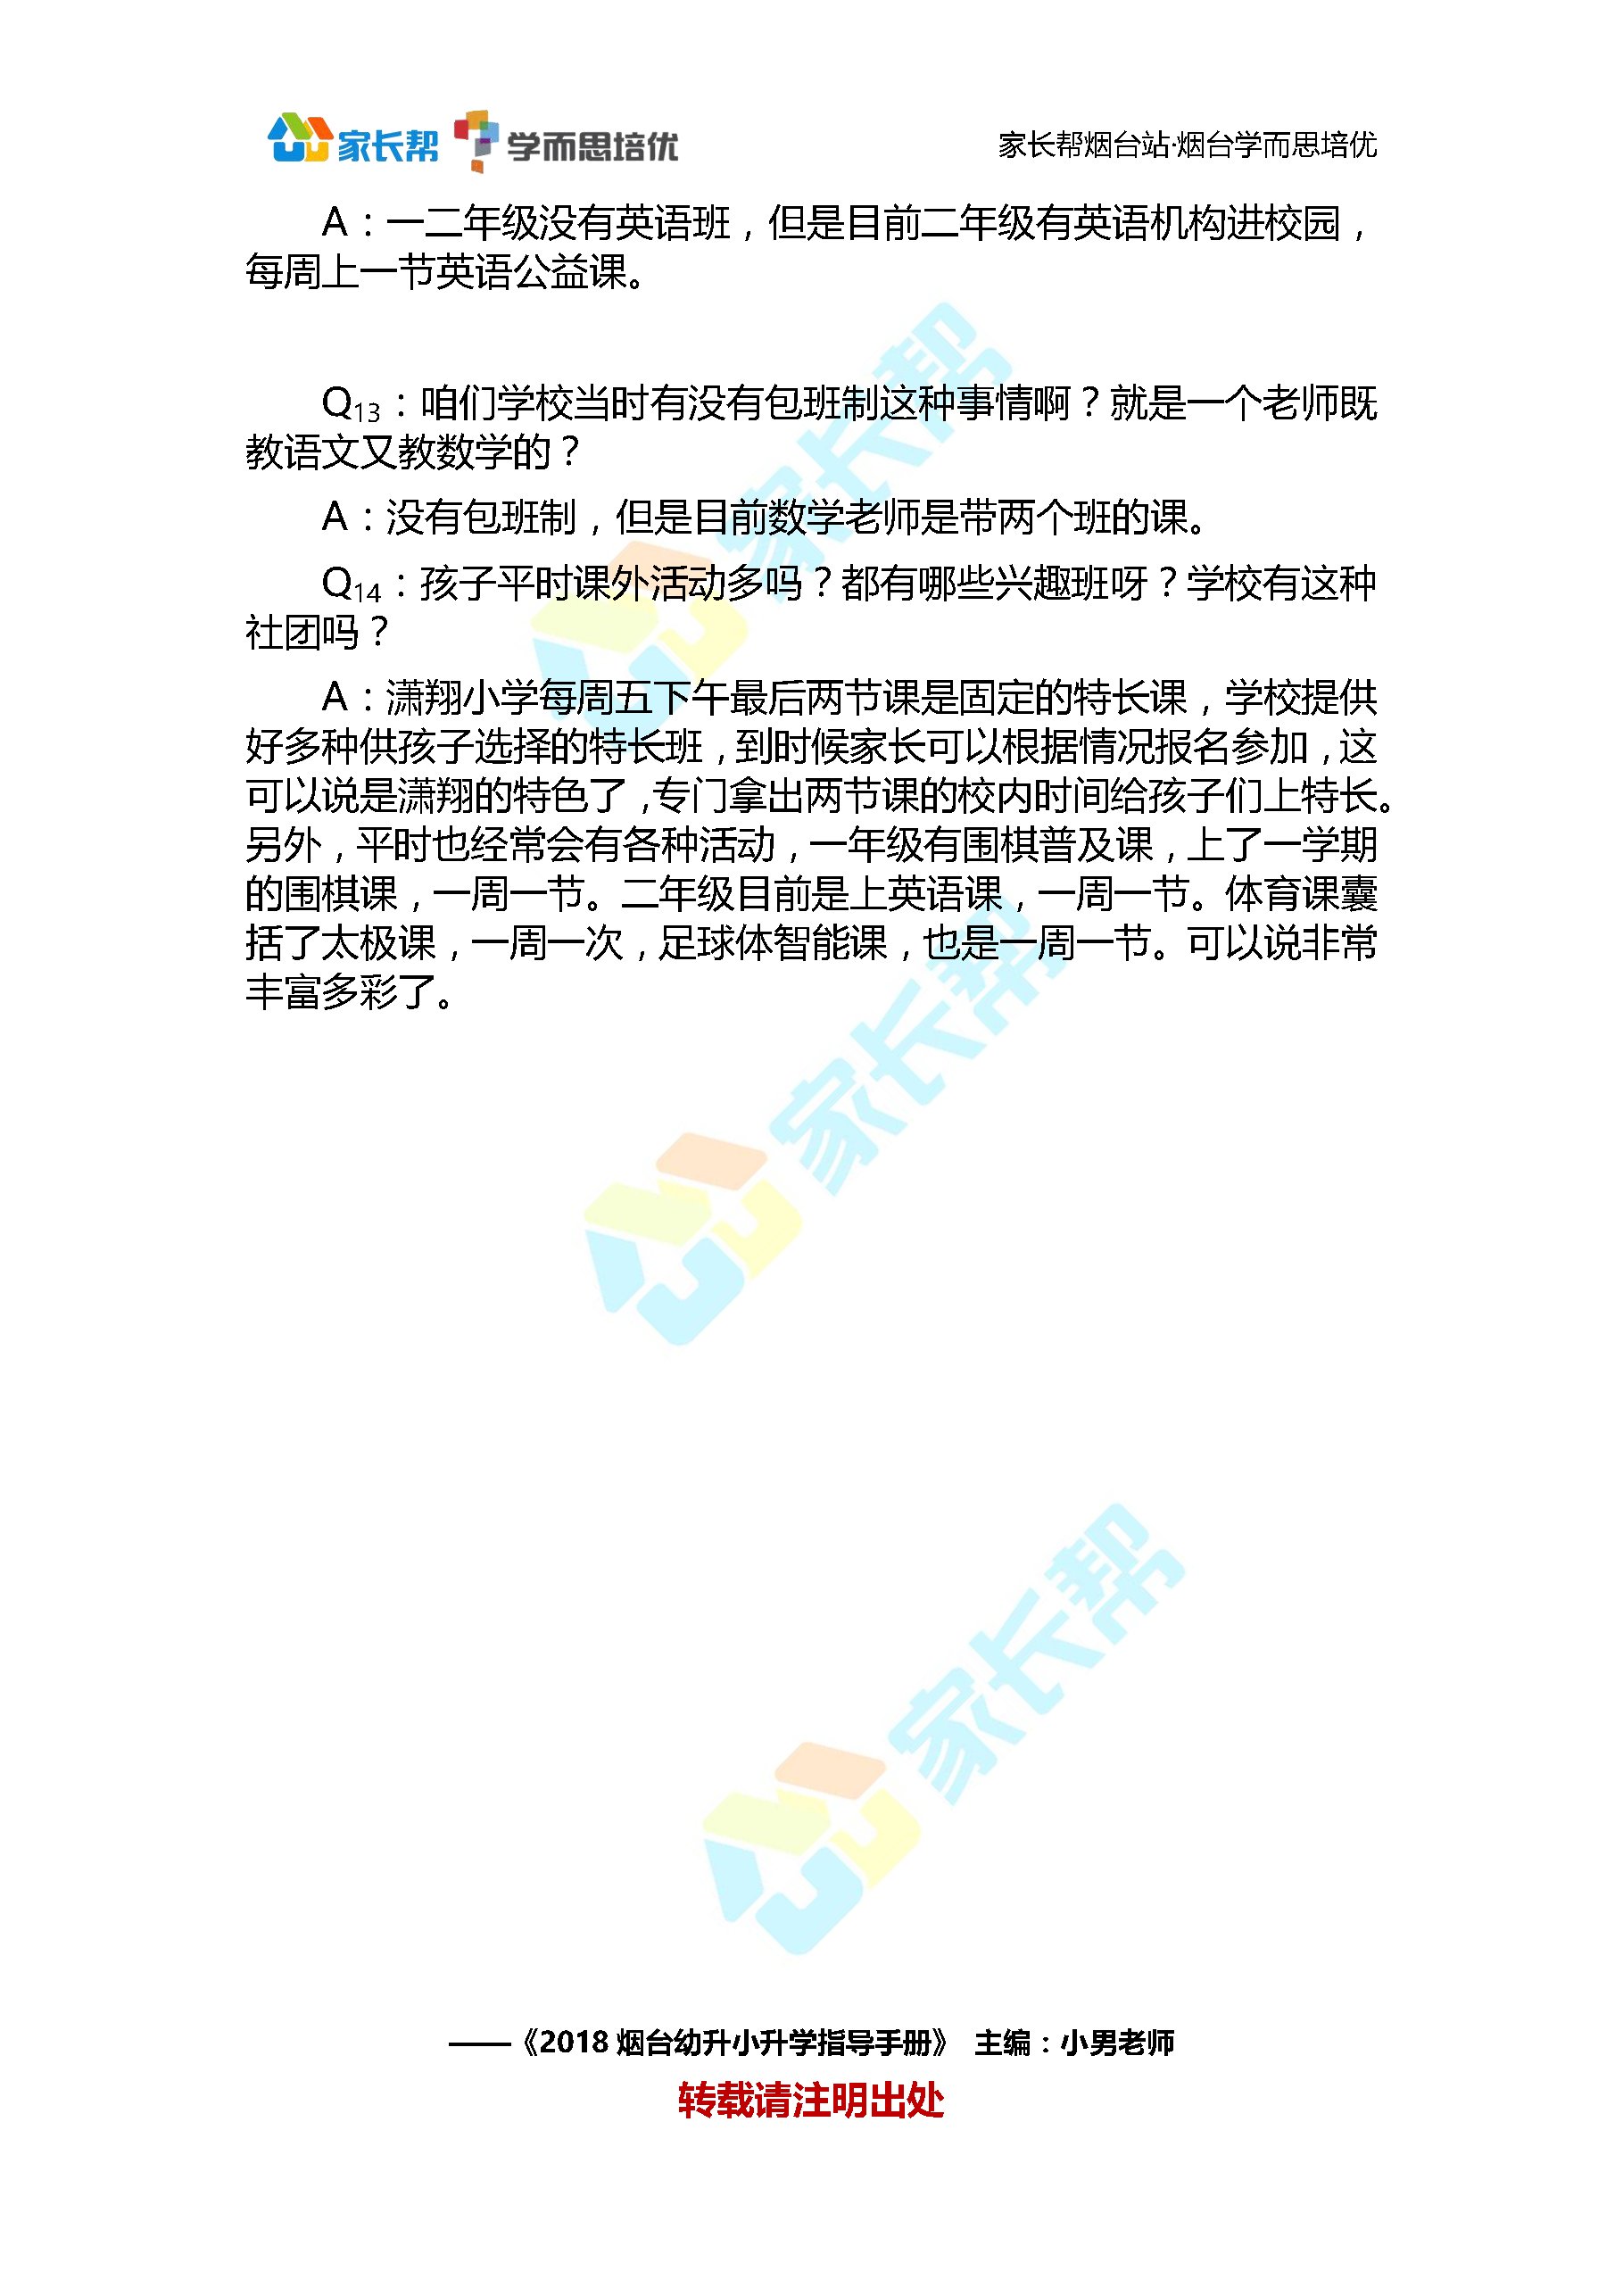 潇翔小学信息_页面_3.png